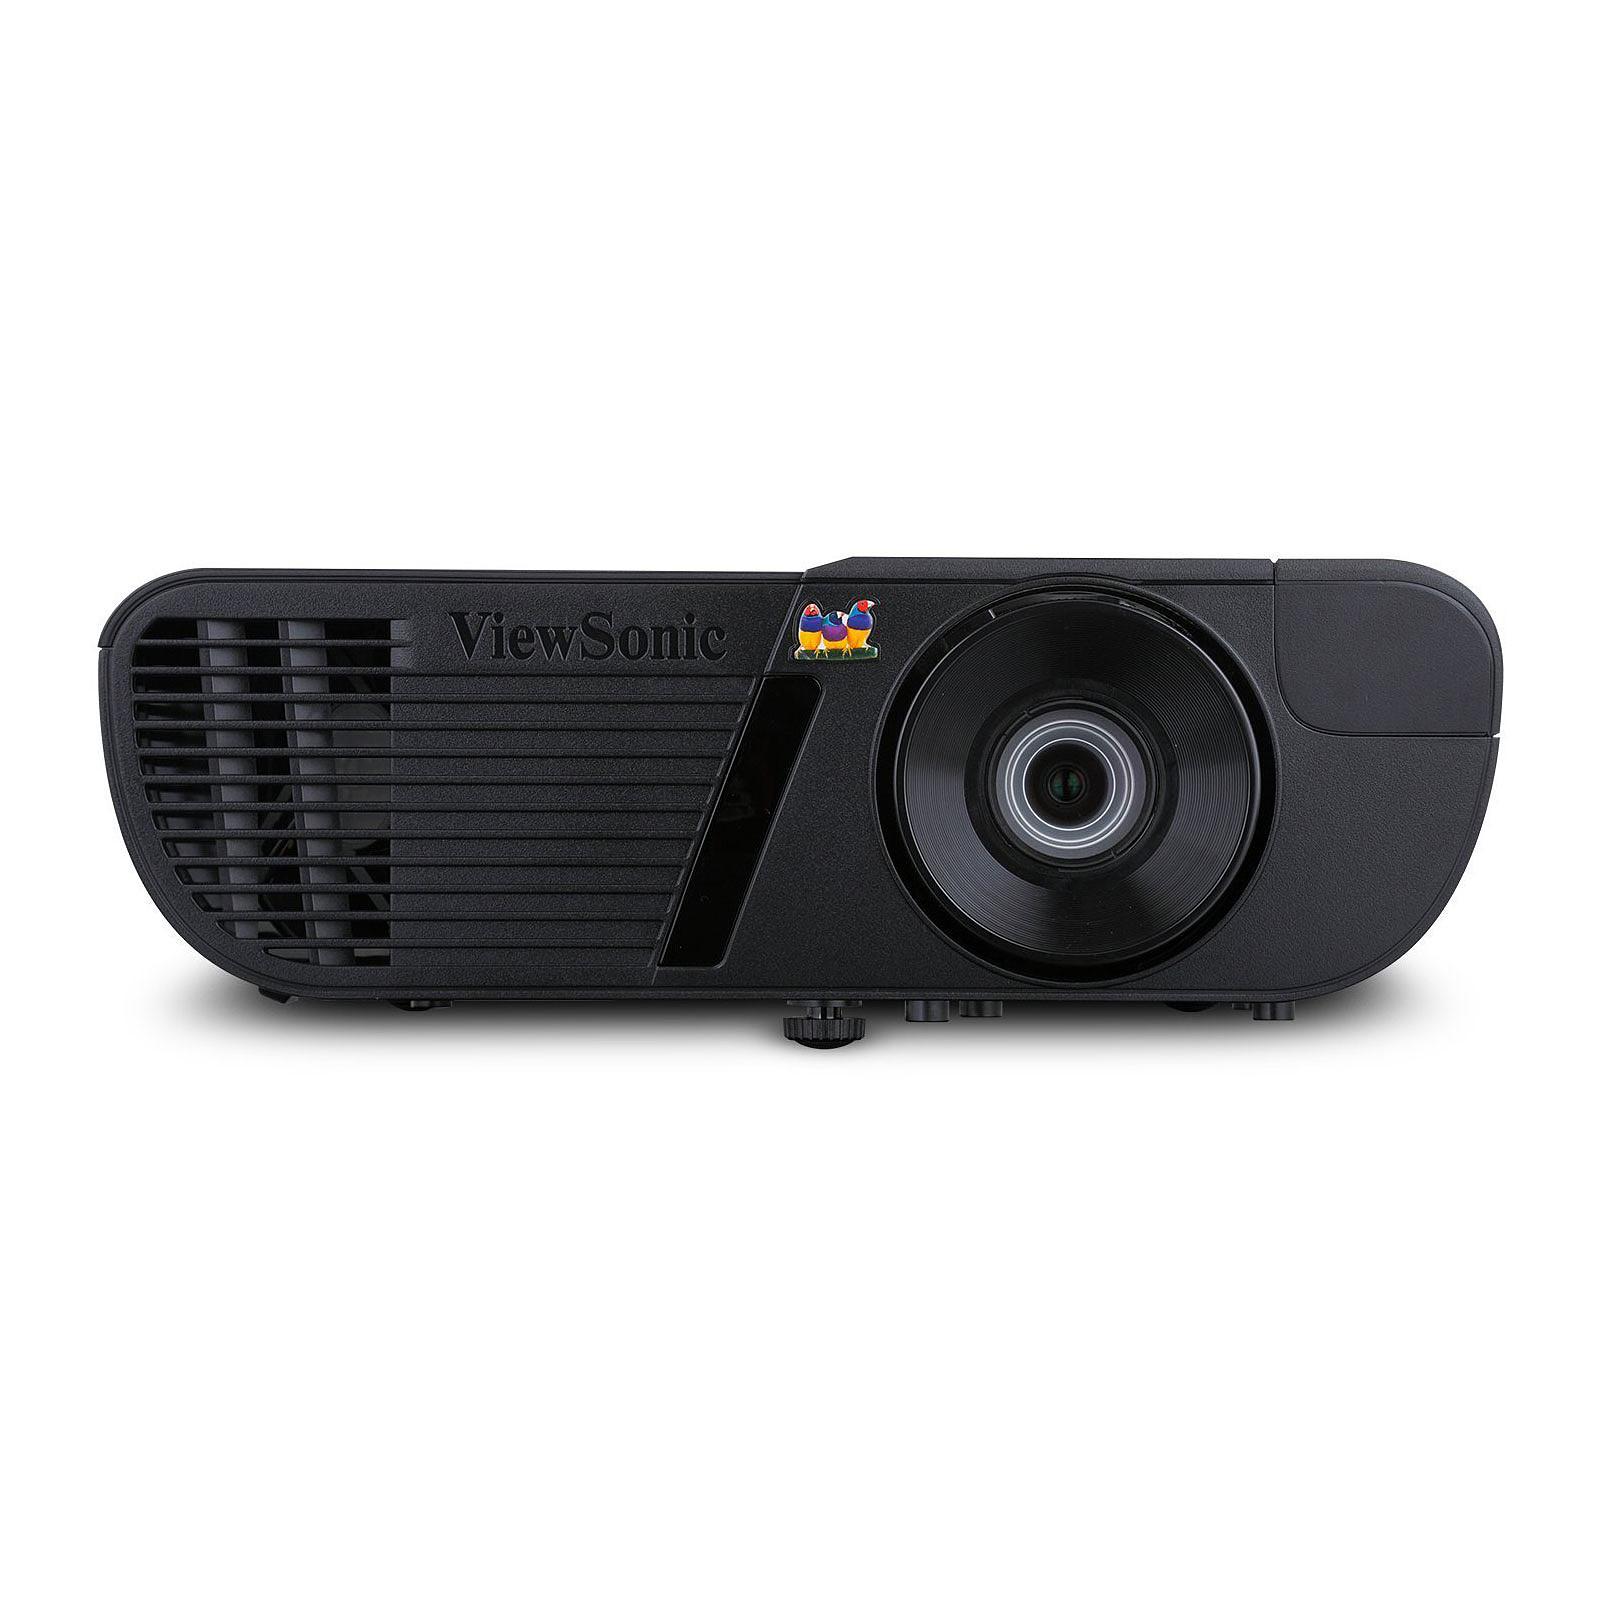 ViewSonic Pro7827 HD